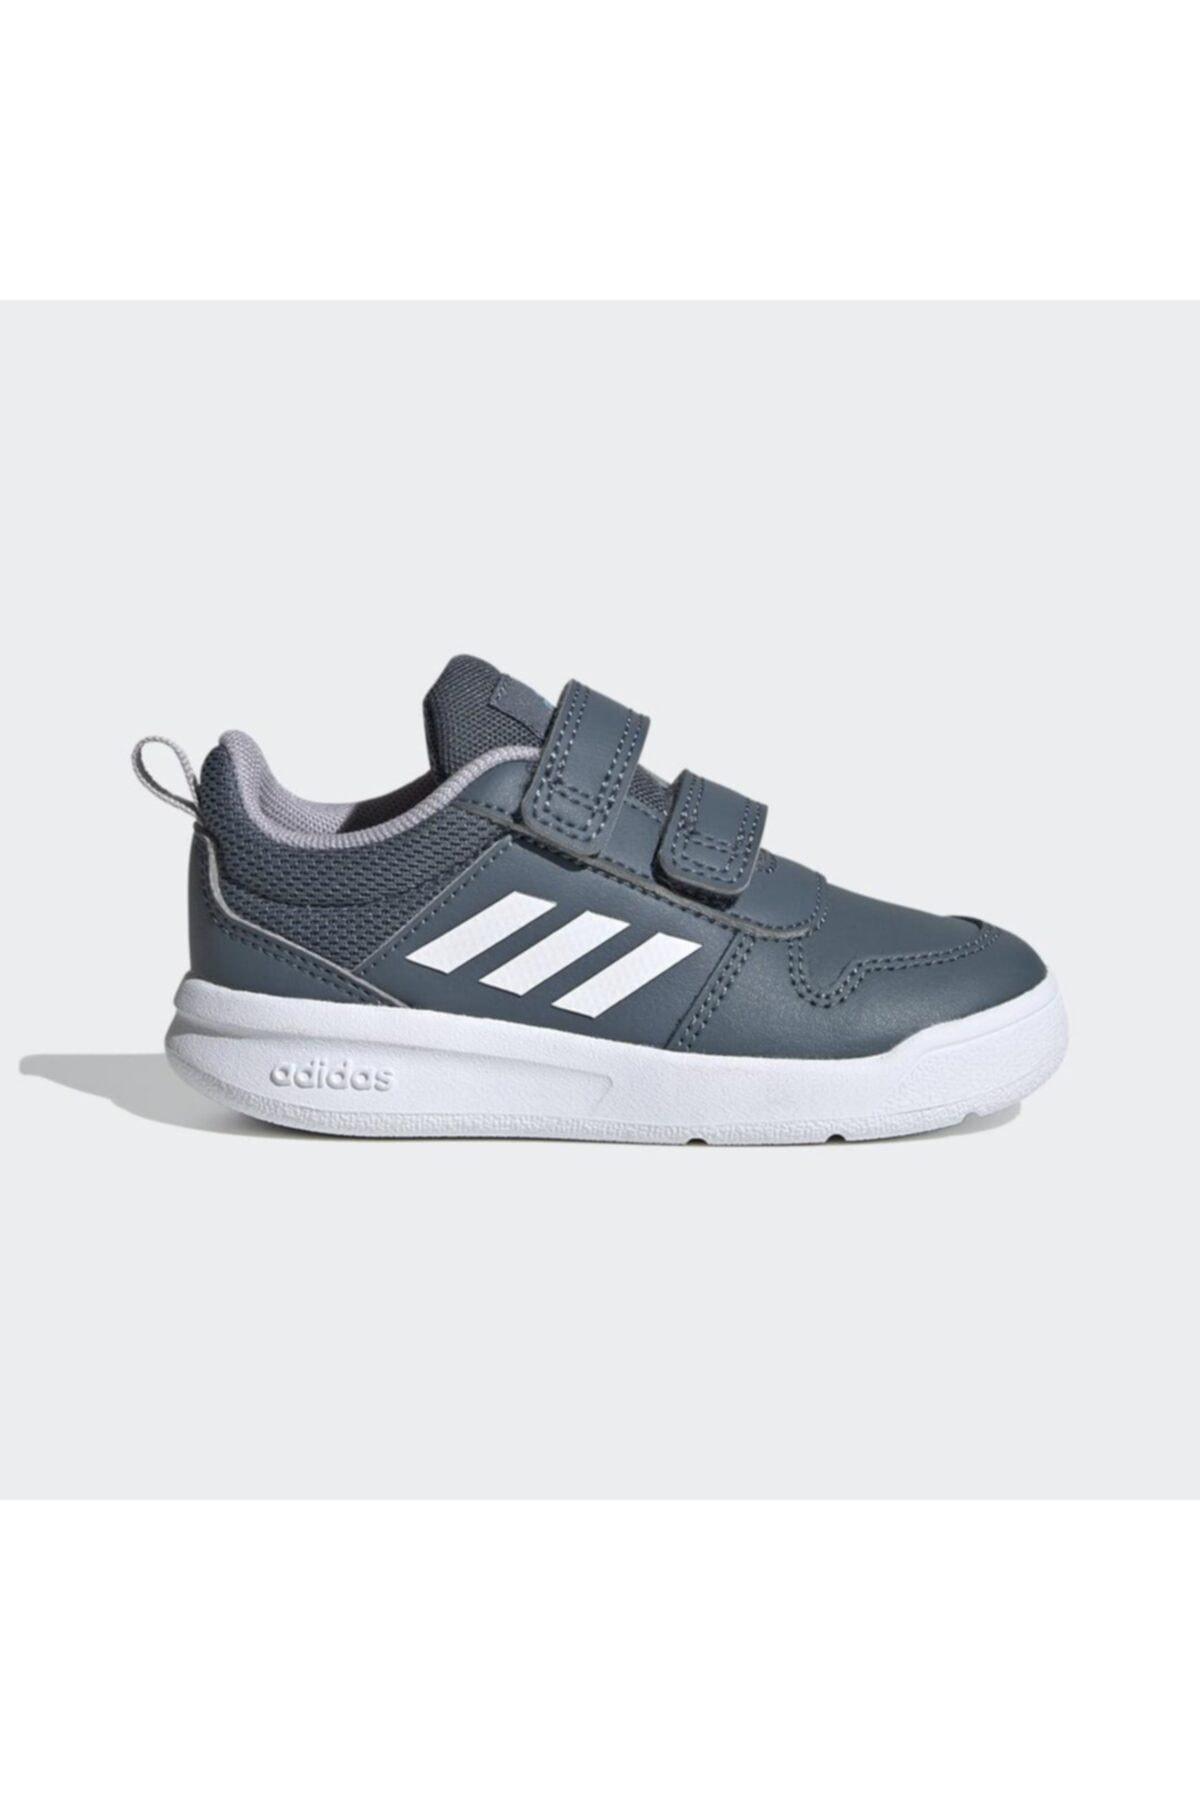 adidas TENSAUR I Koyu Gri Erkek Çocuk Koşu Ayakkabısı 100663759 1